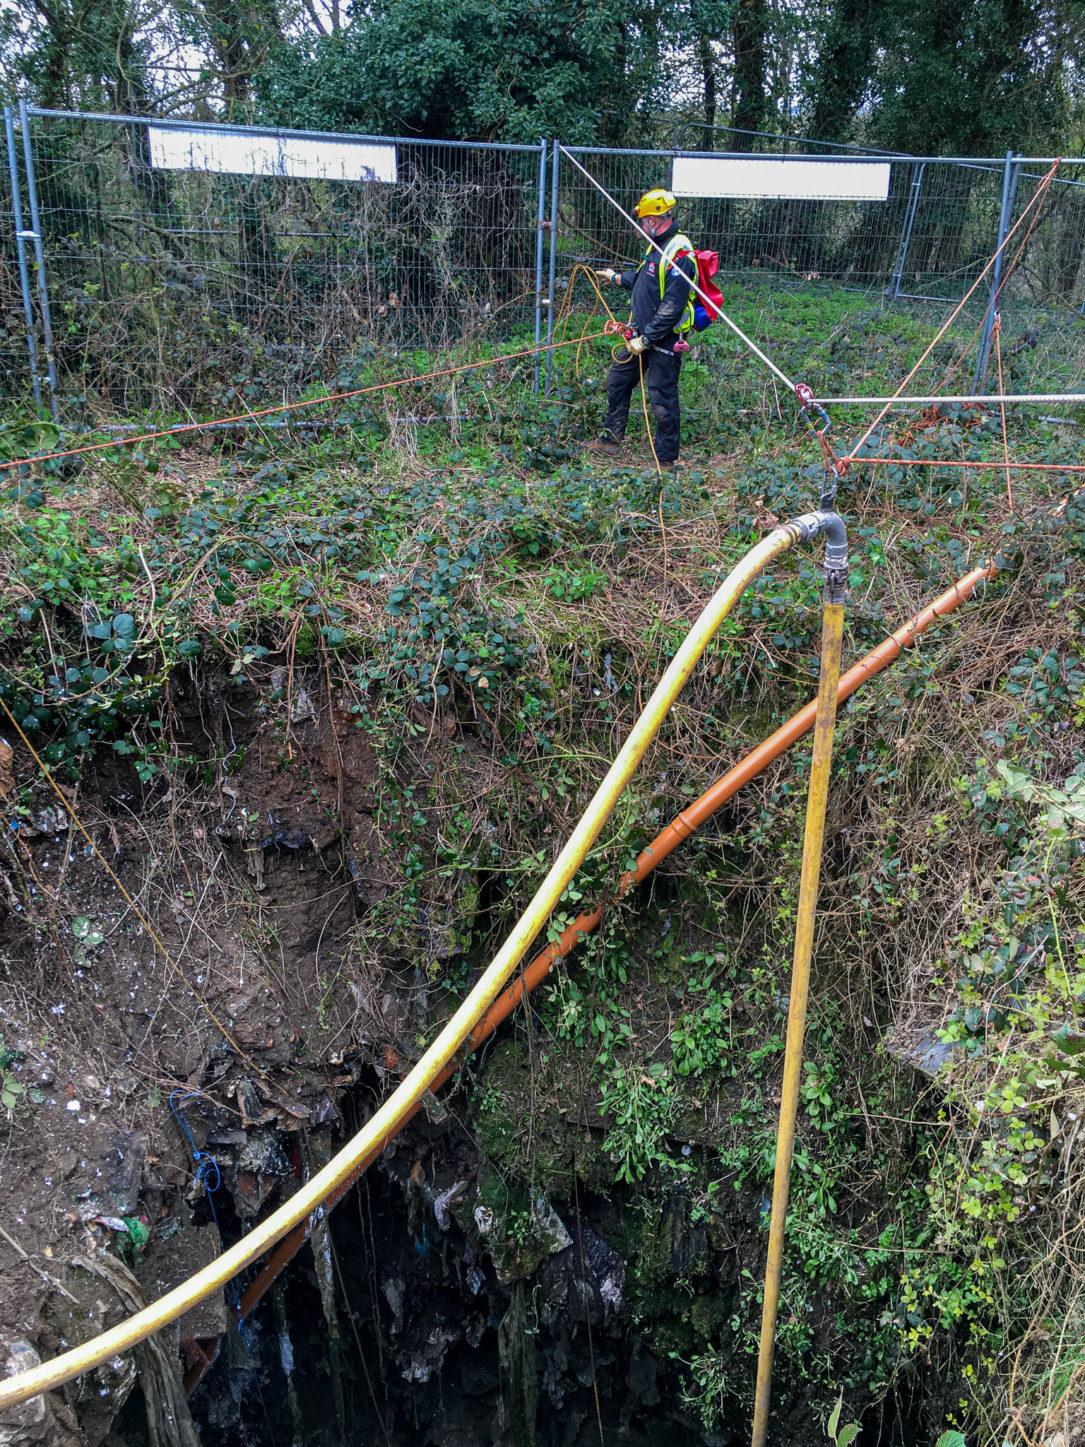 Rope setup for hardfoam filling in mineshaft